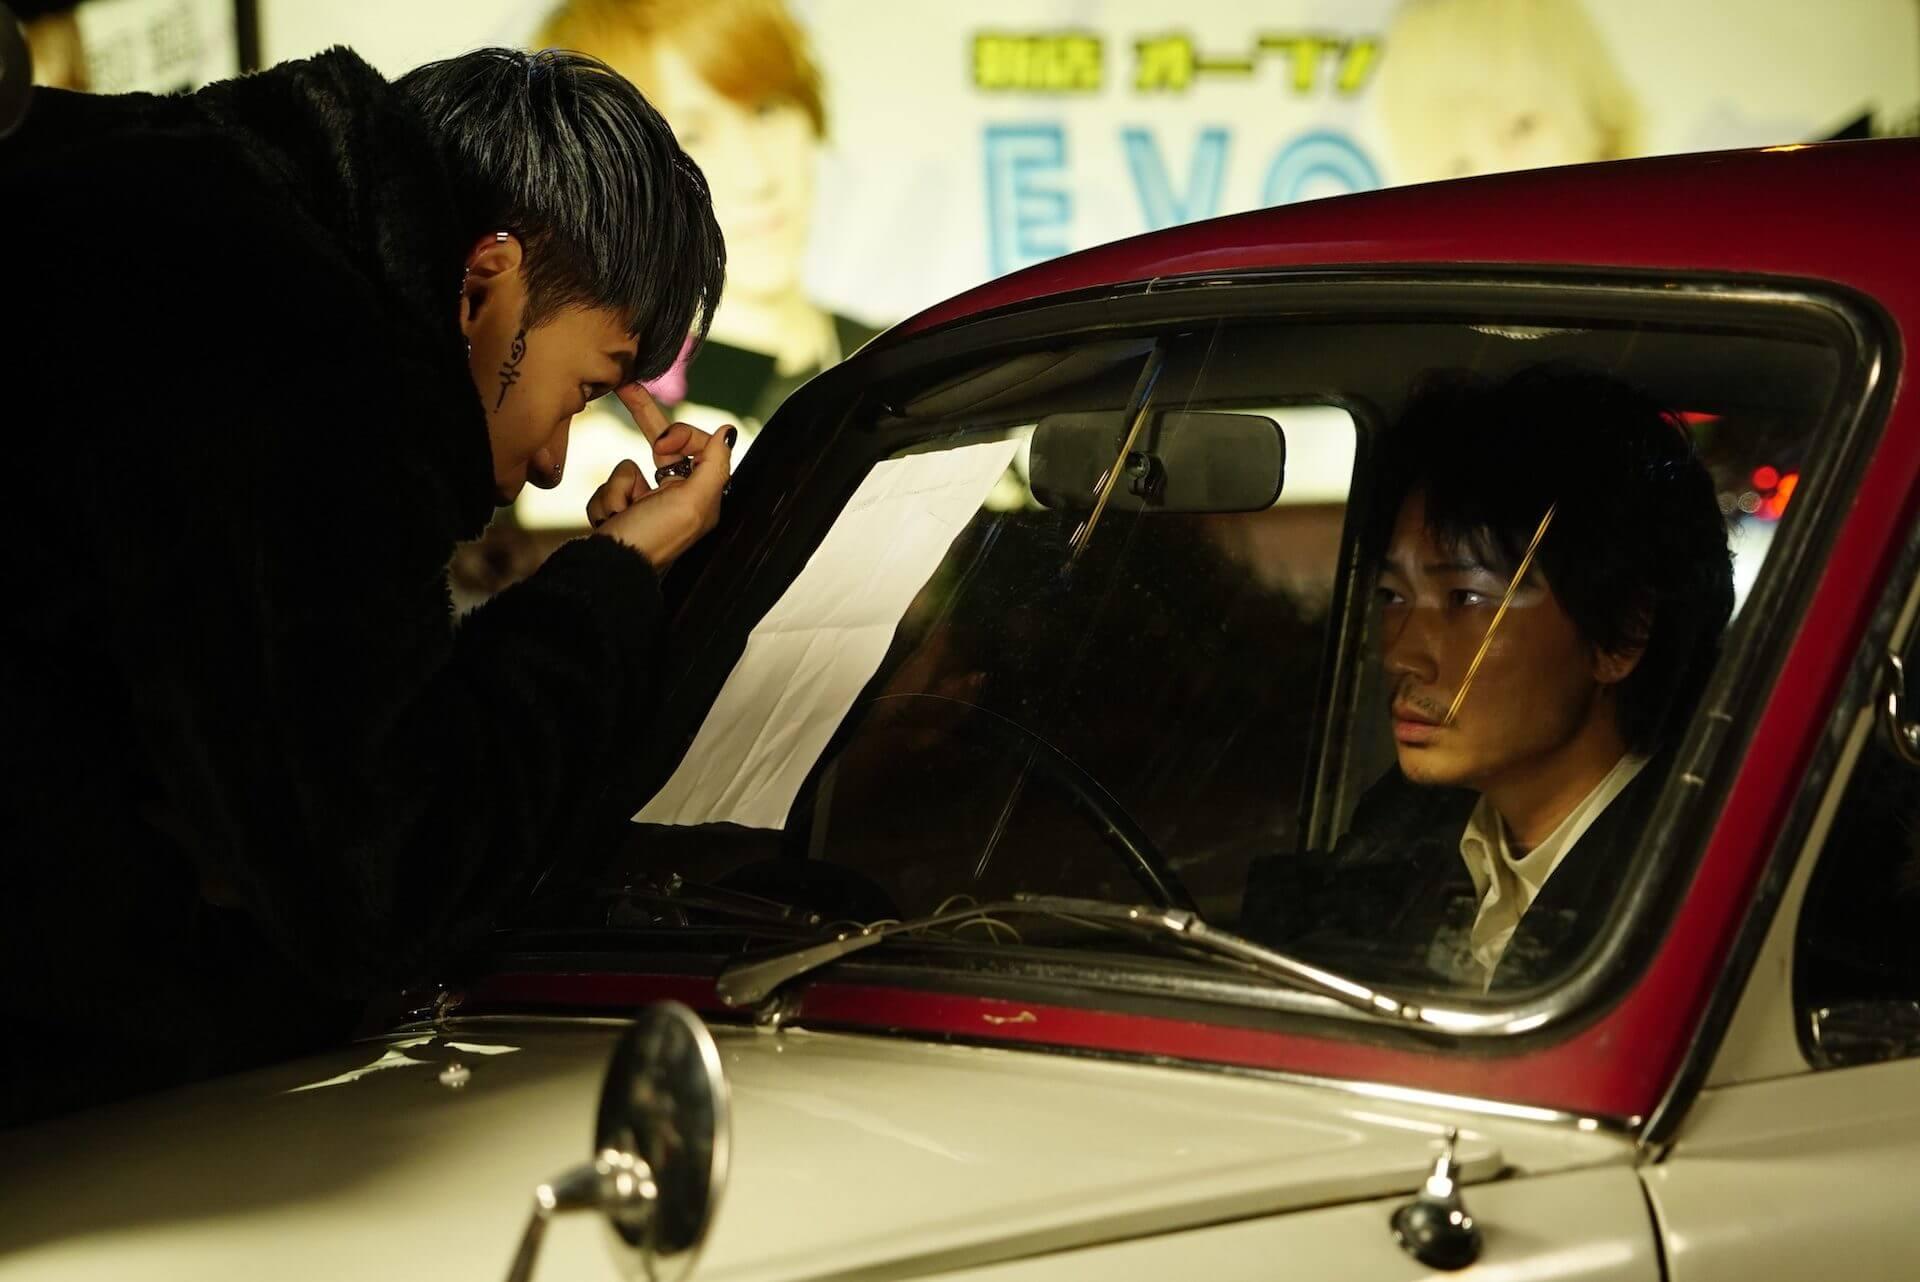 綾野剛主演の実写映画『ホムンクルス』の場面写真20点が一挙解禁!成田凌、岸井ゆきのら超豪華キャストも話題 film210118_homunclus_8